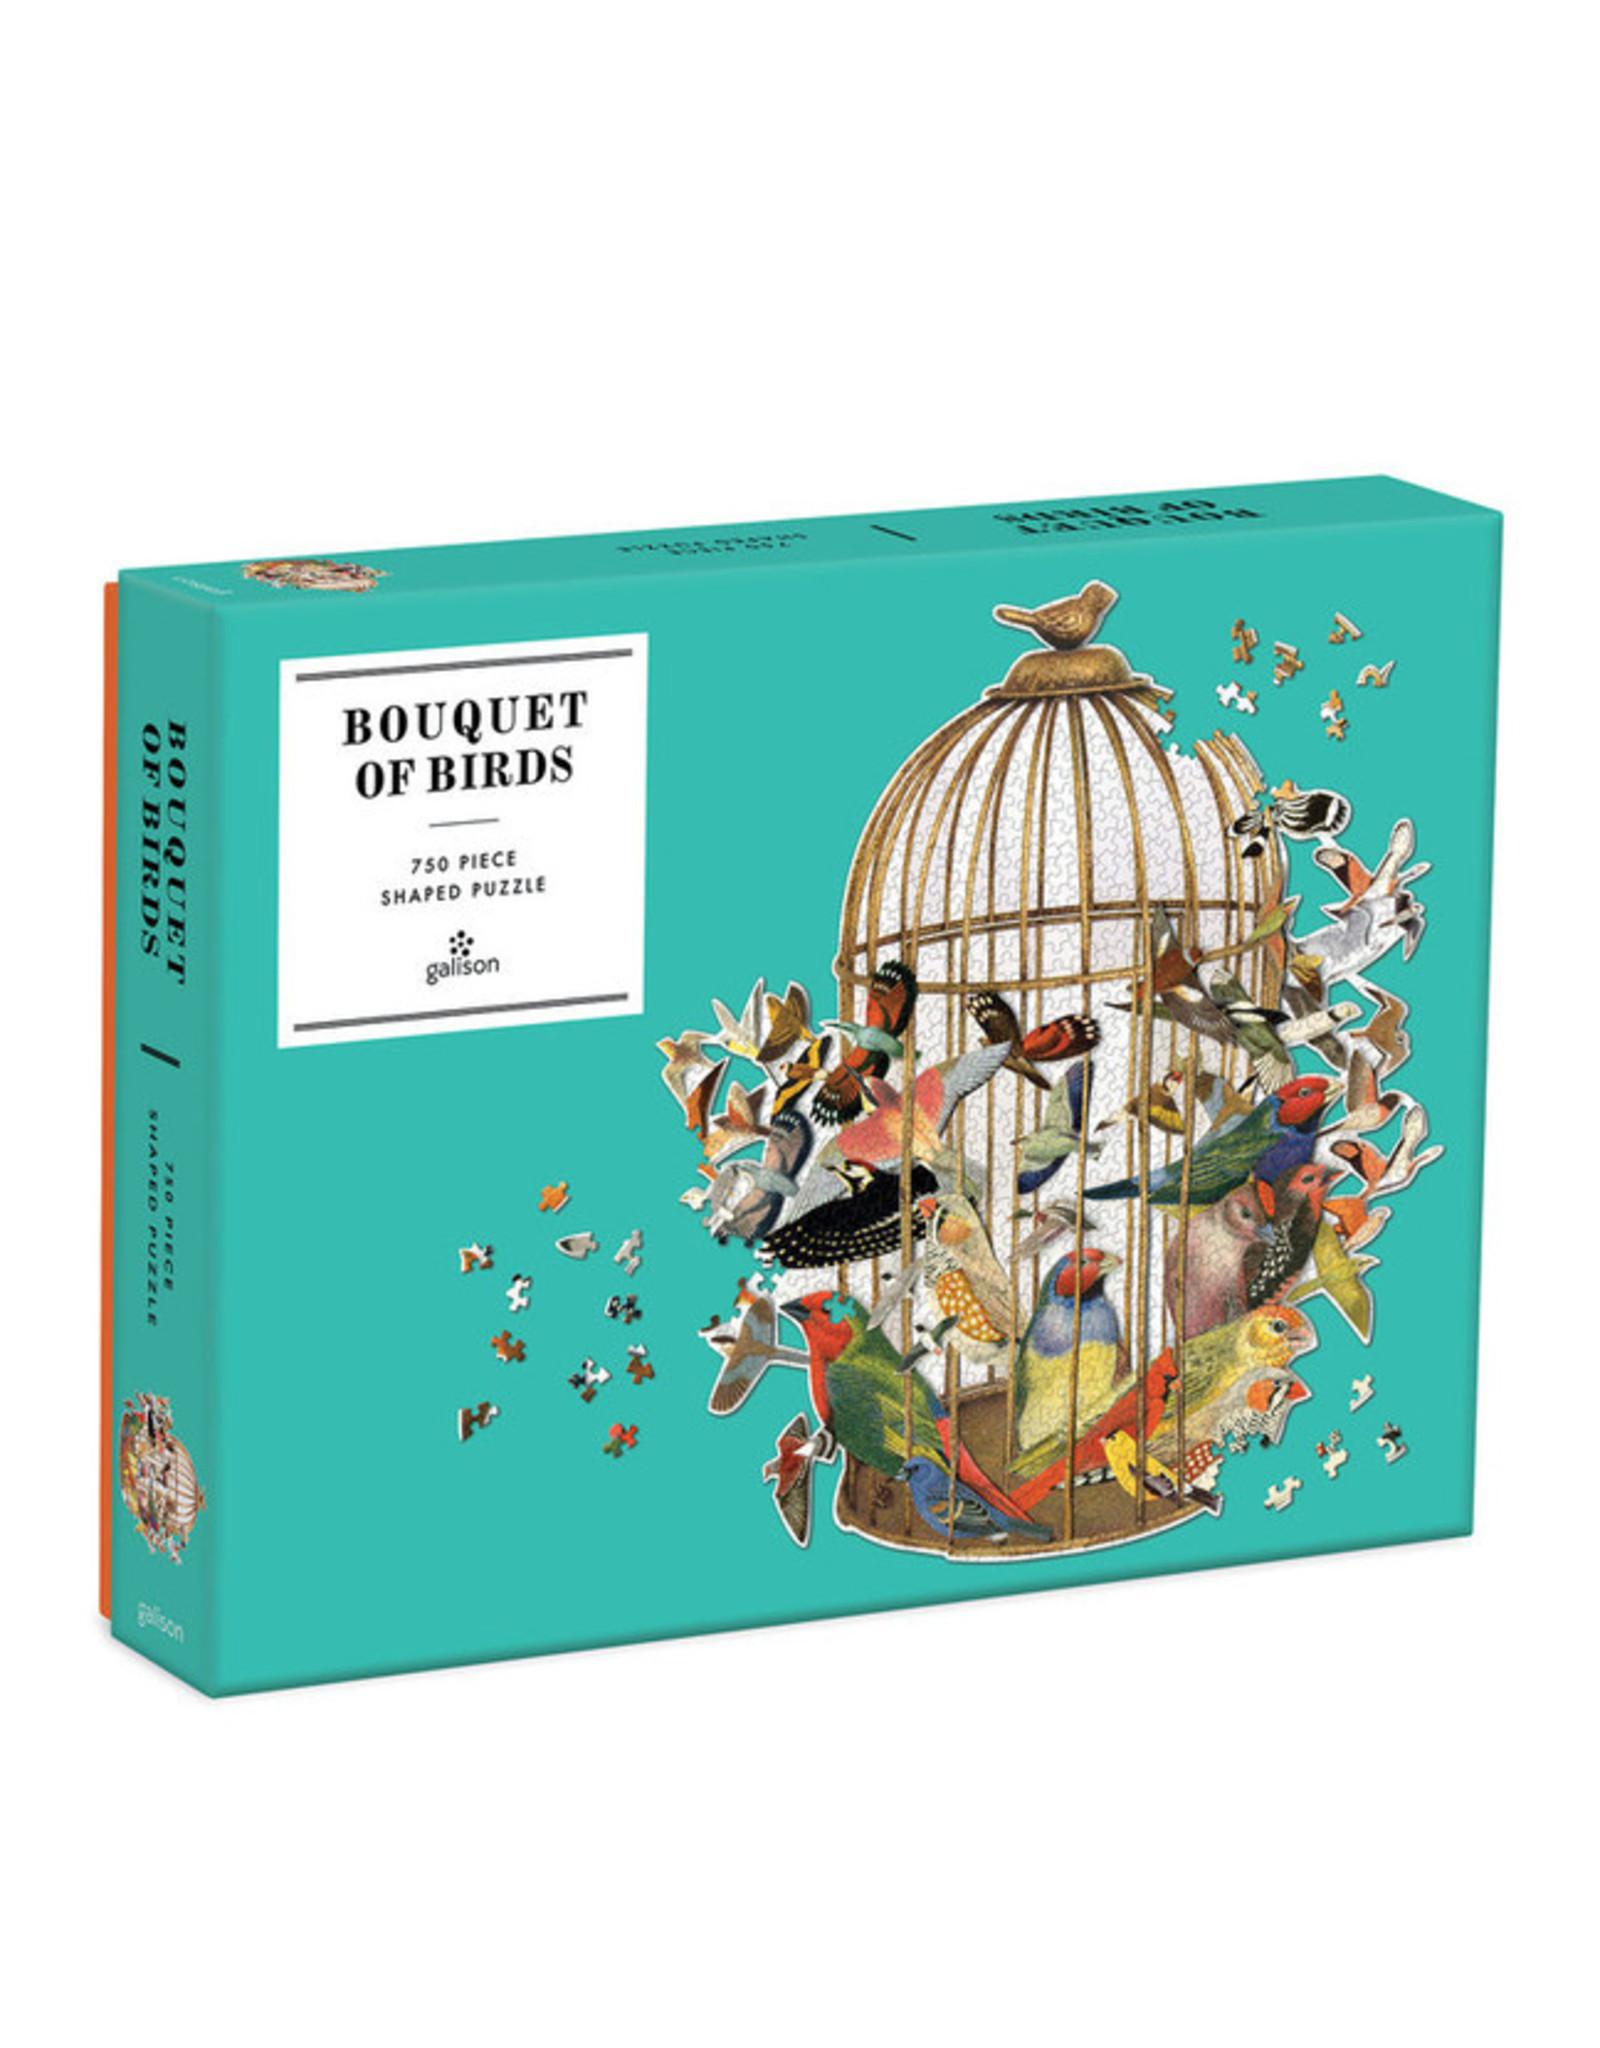 RST - Bouquet of Birds 750 Piece Puzzle